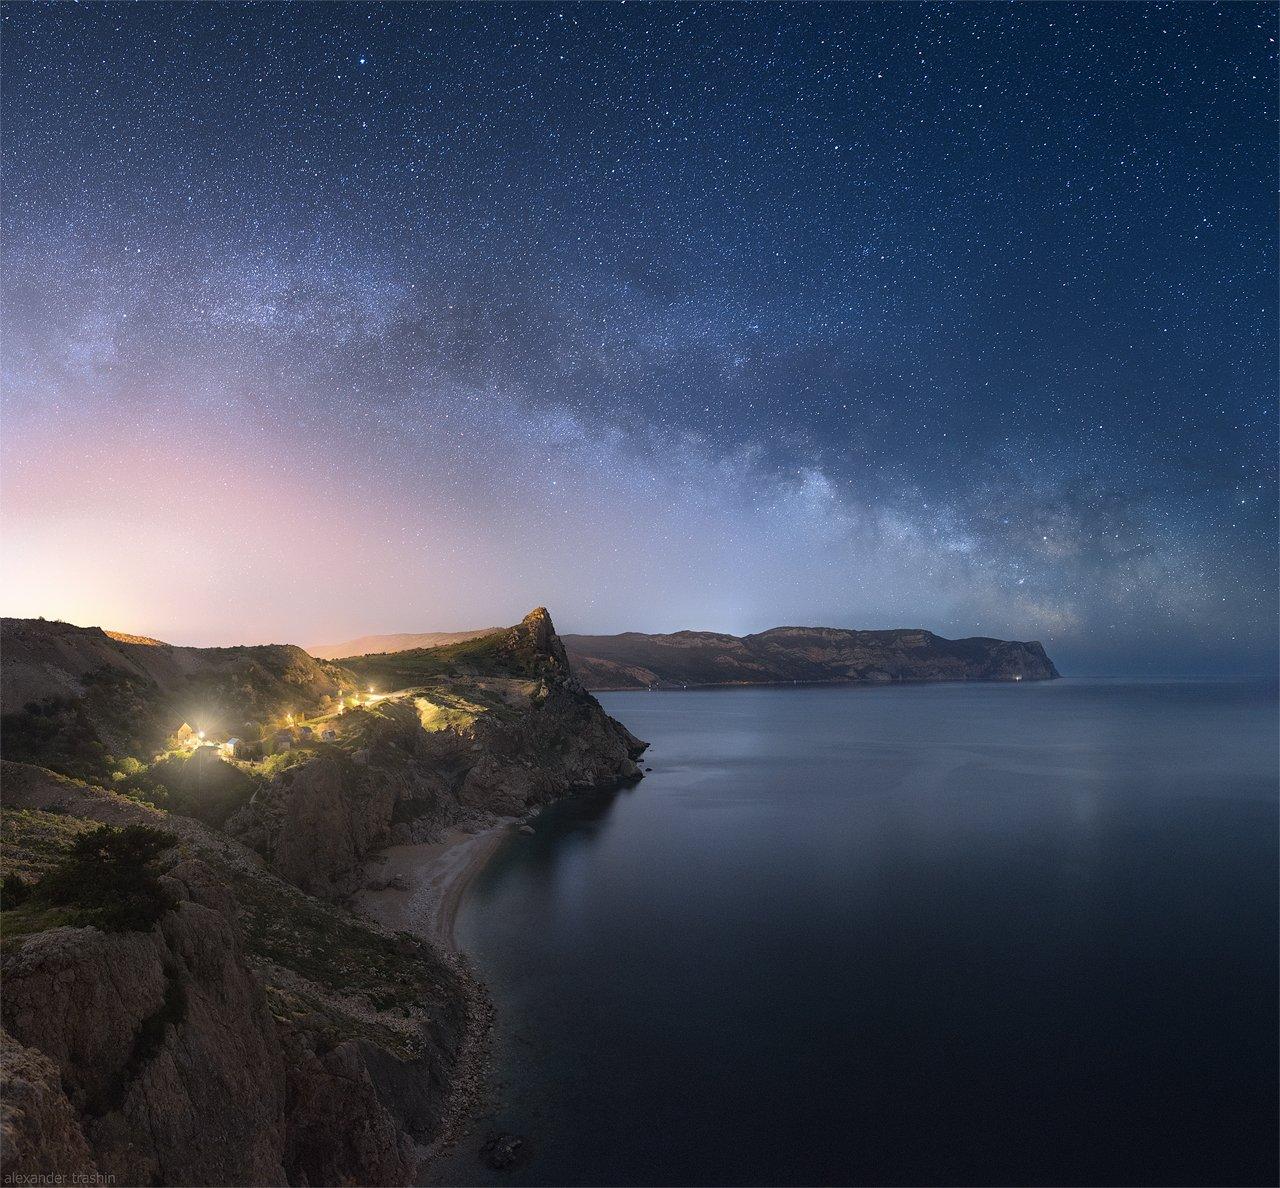 крым, балаклава, ночная фотография, млечный путь, пейзаж, Александр Трашин